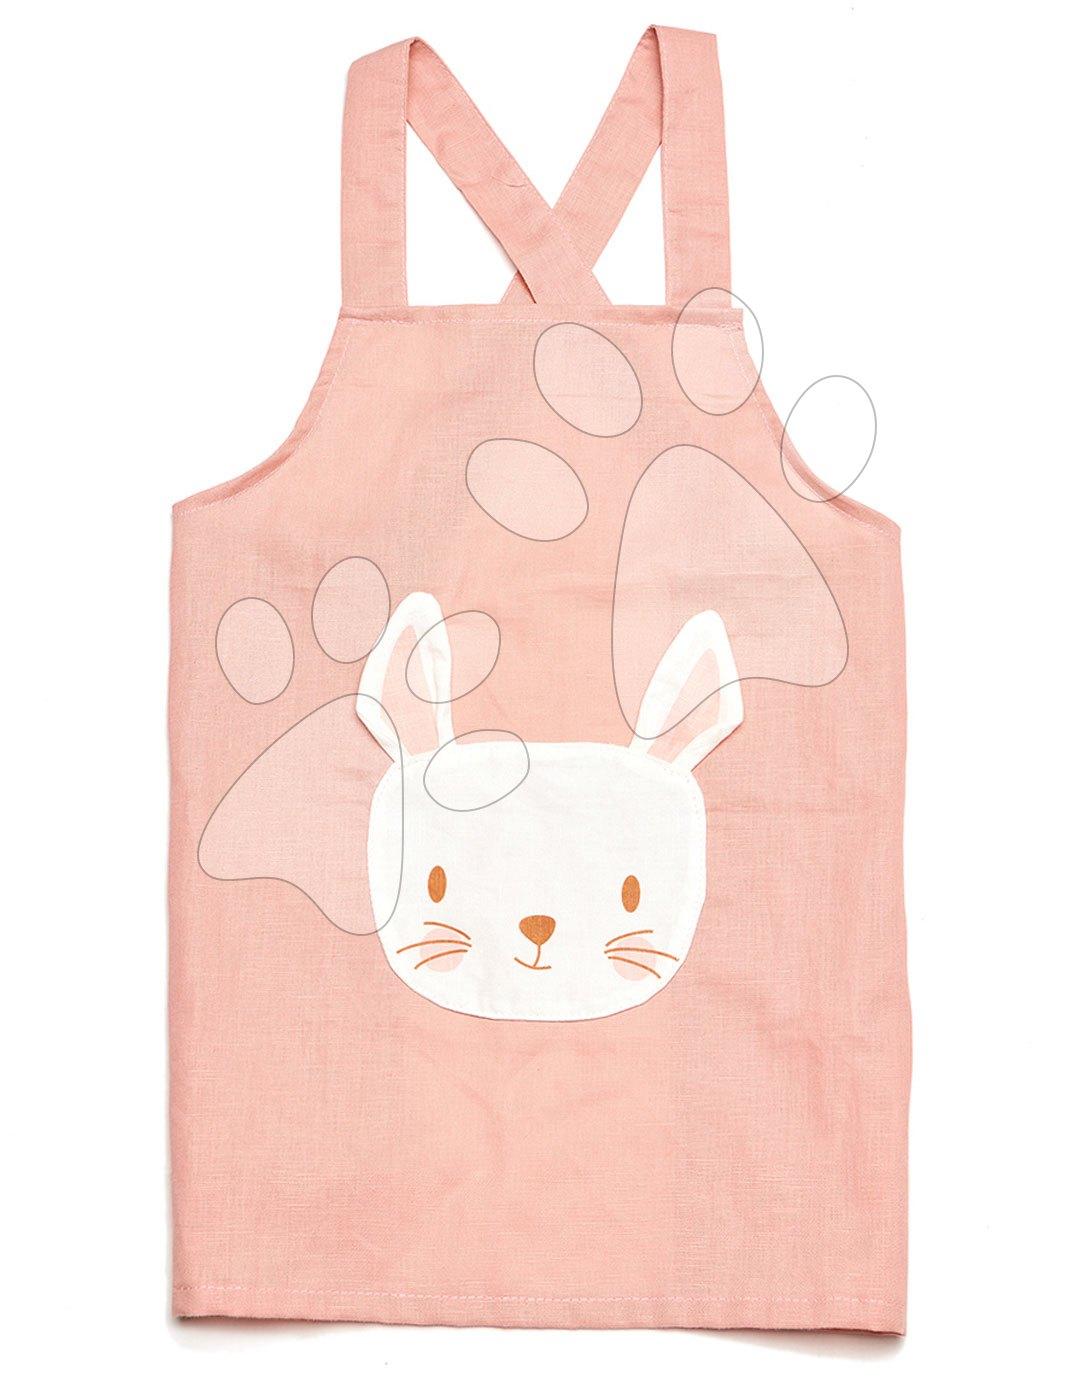 Zástěra pro děti Zajíček Rabbit Linen Cotton Apron ThreadBear z bavlny pastelovo-růžová od 3–8 let